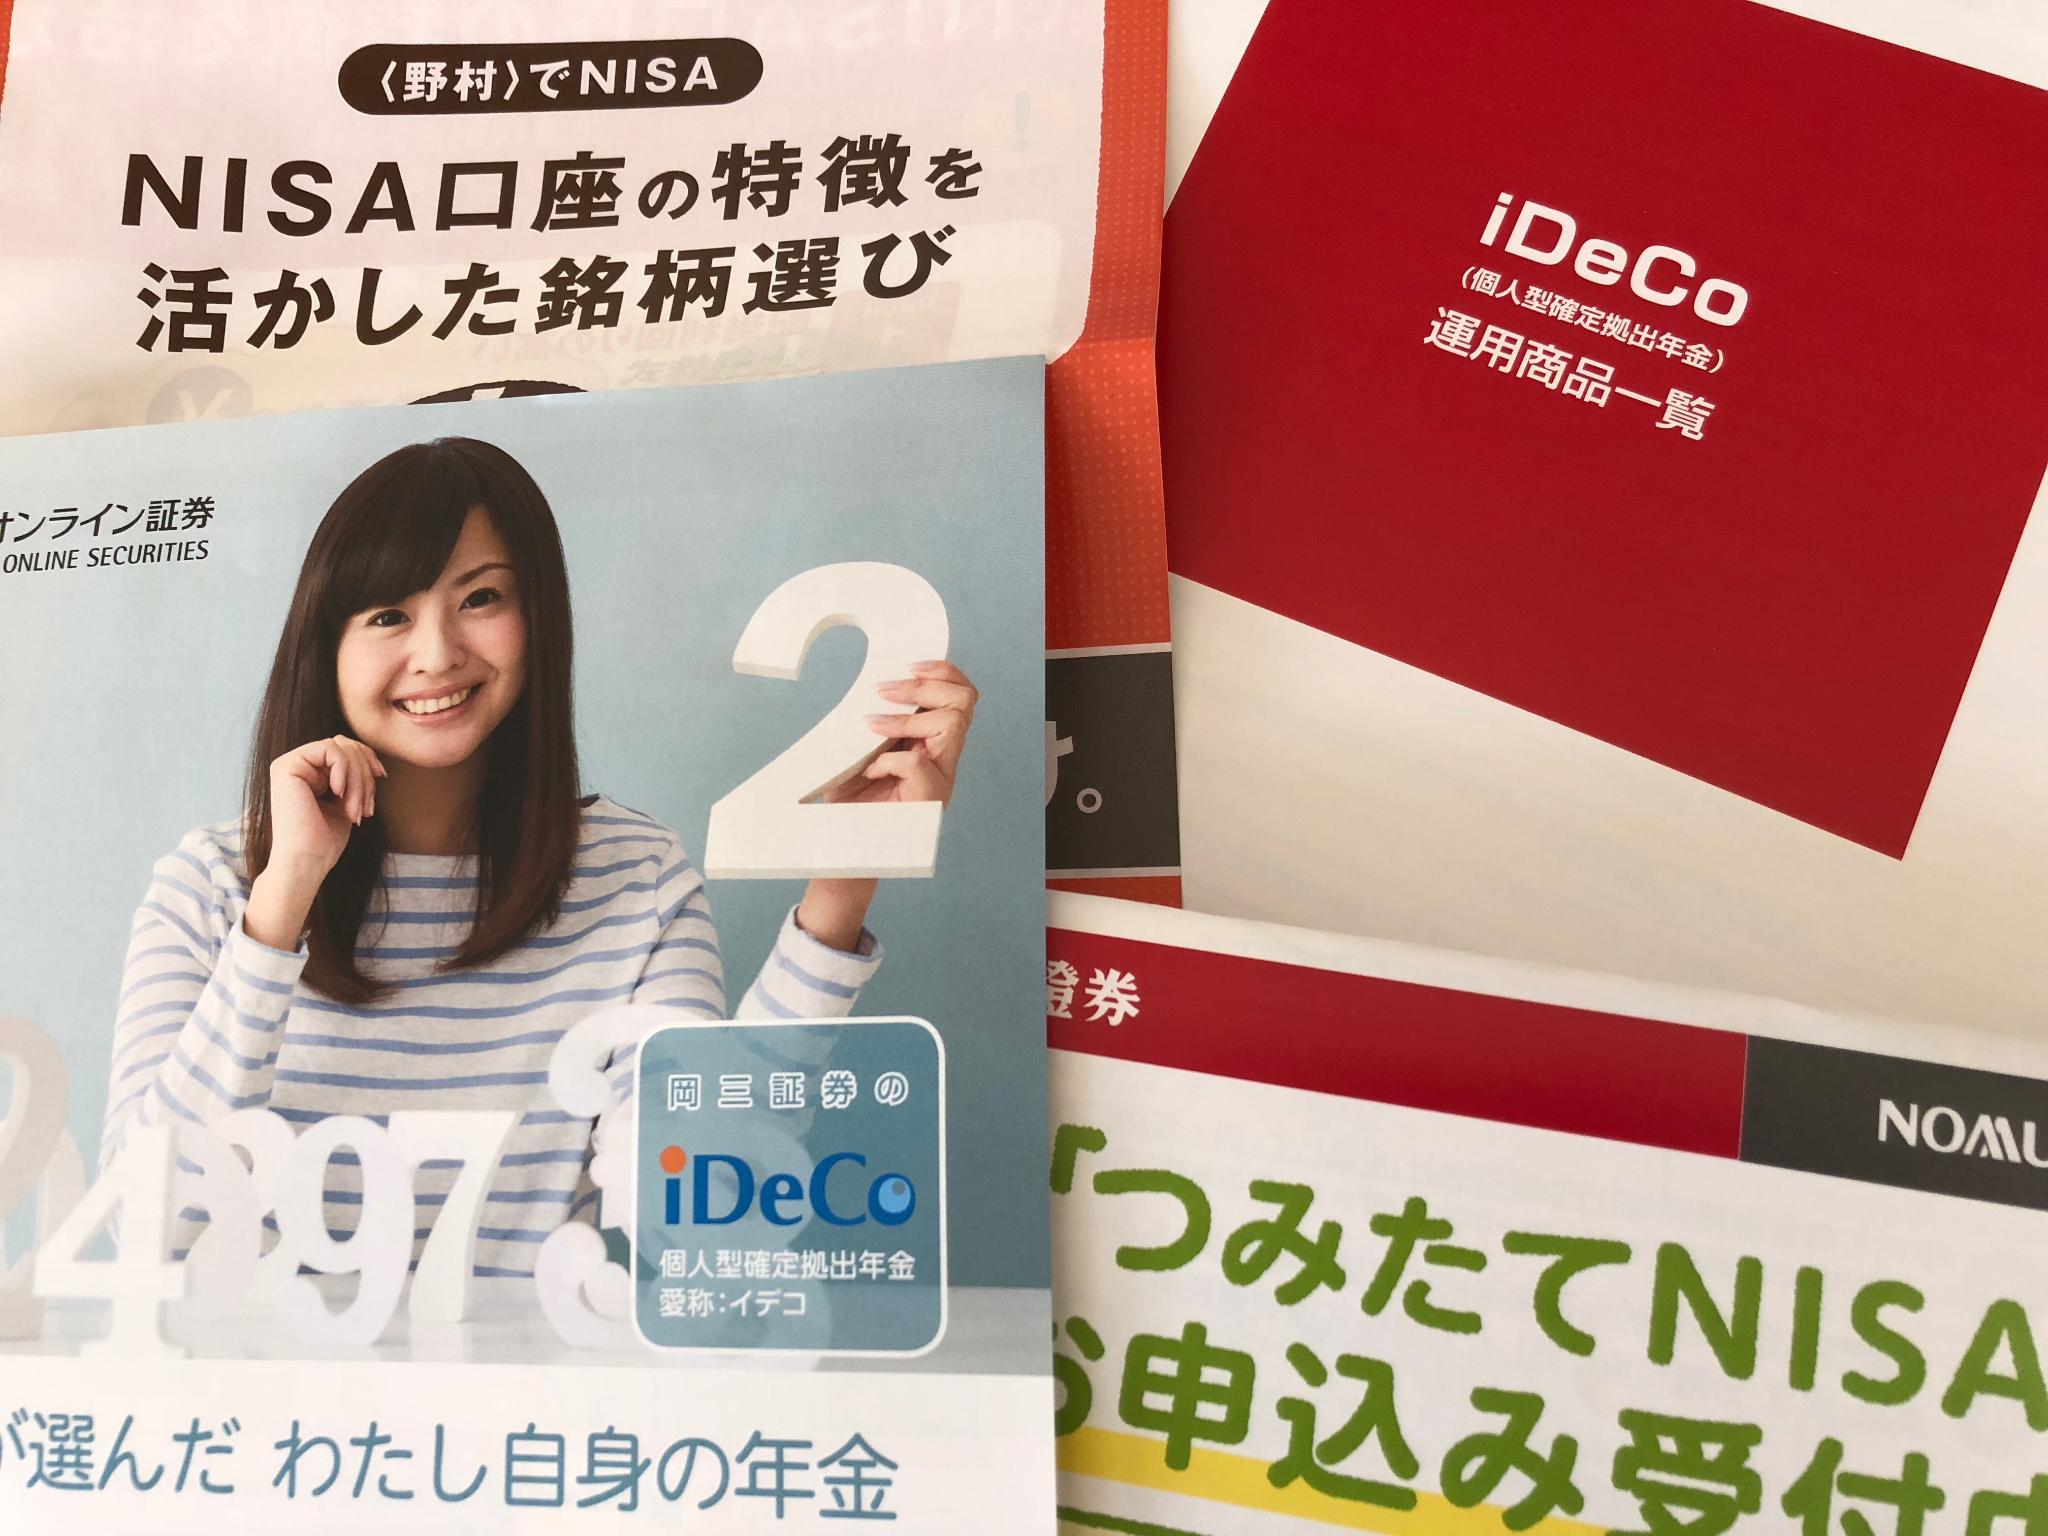 【税制面でお得な投資優遇制度】iDeCo(イデコ)とつみたてNISAを比較~違いを徹底解説~